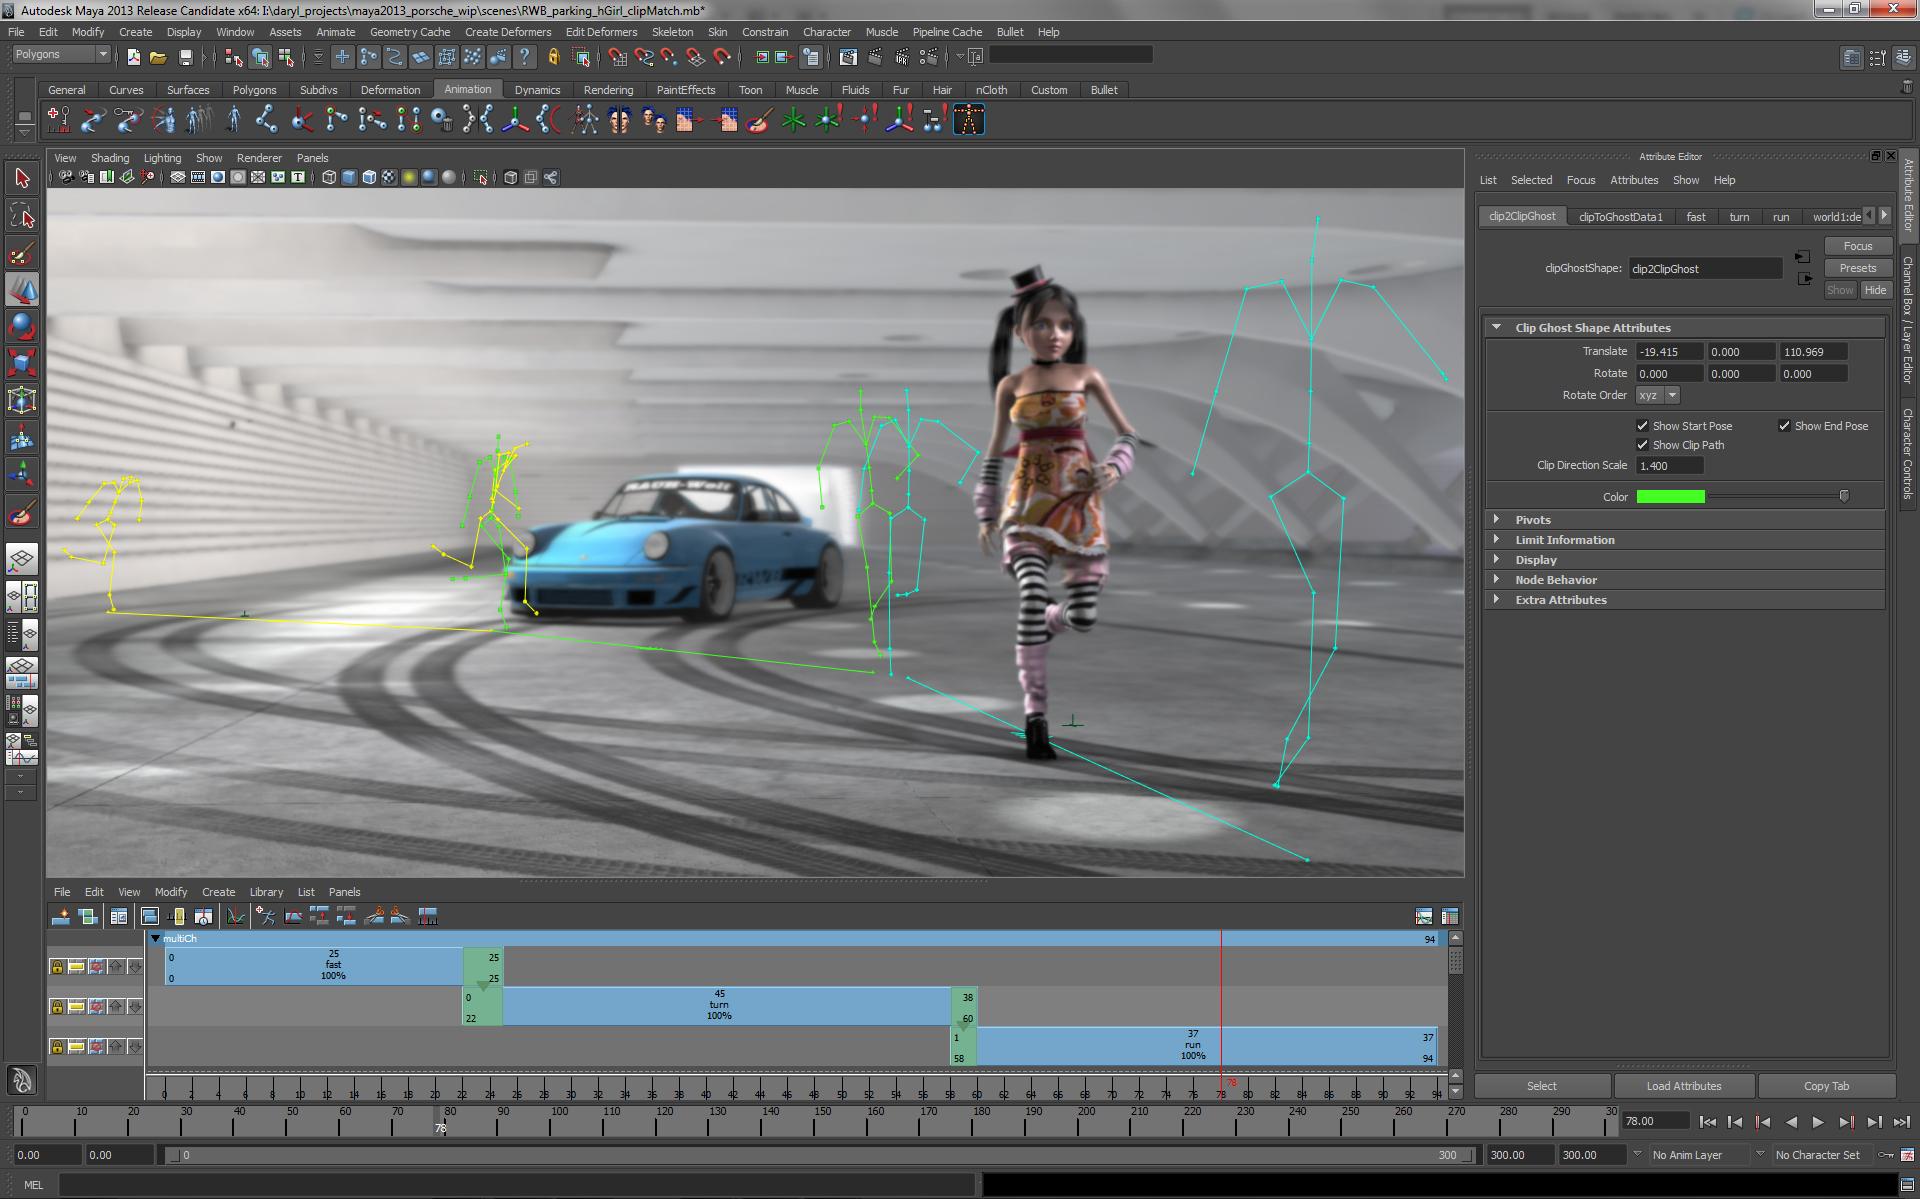 Гифовина - О проекте, как создать анимацию, аватарку 14